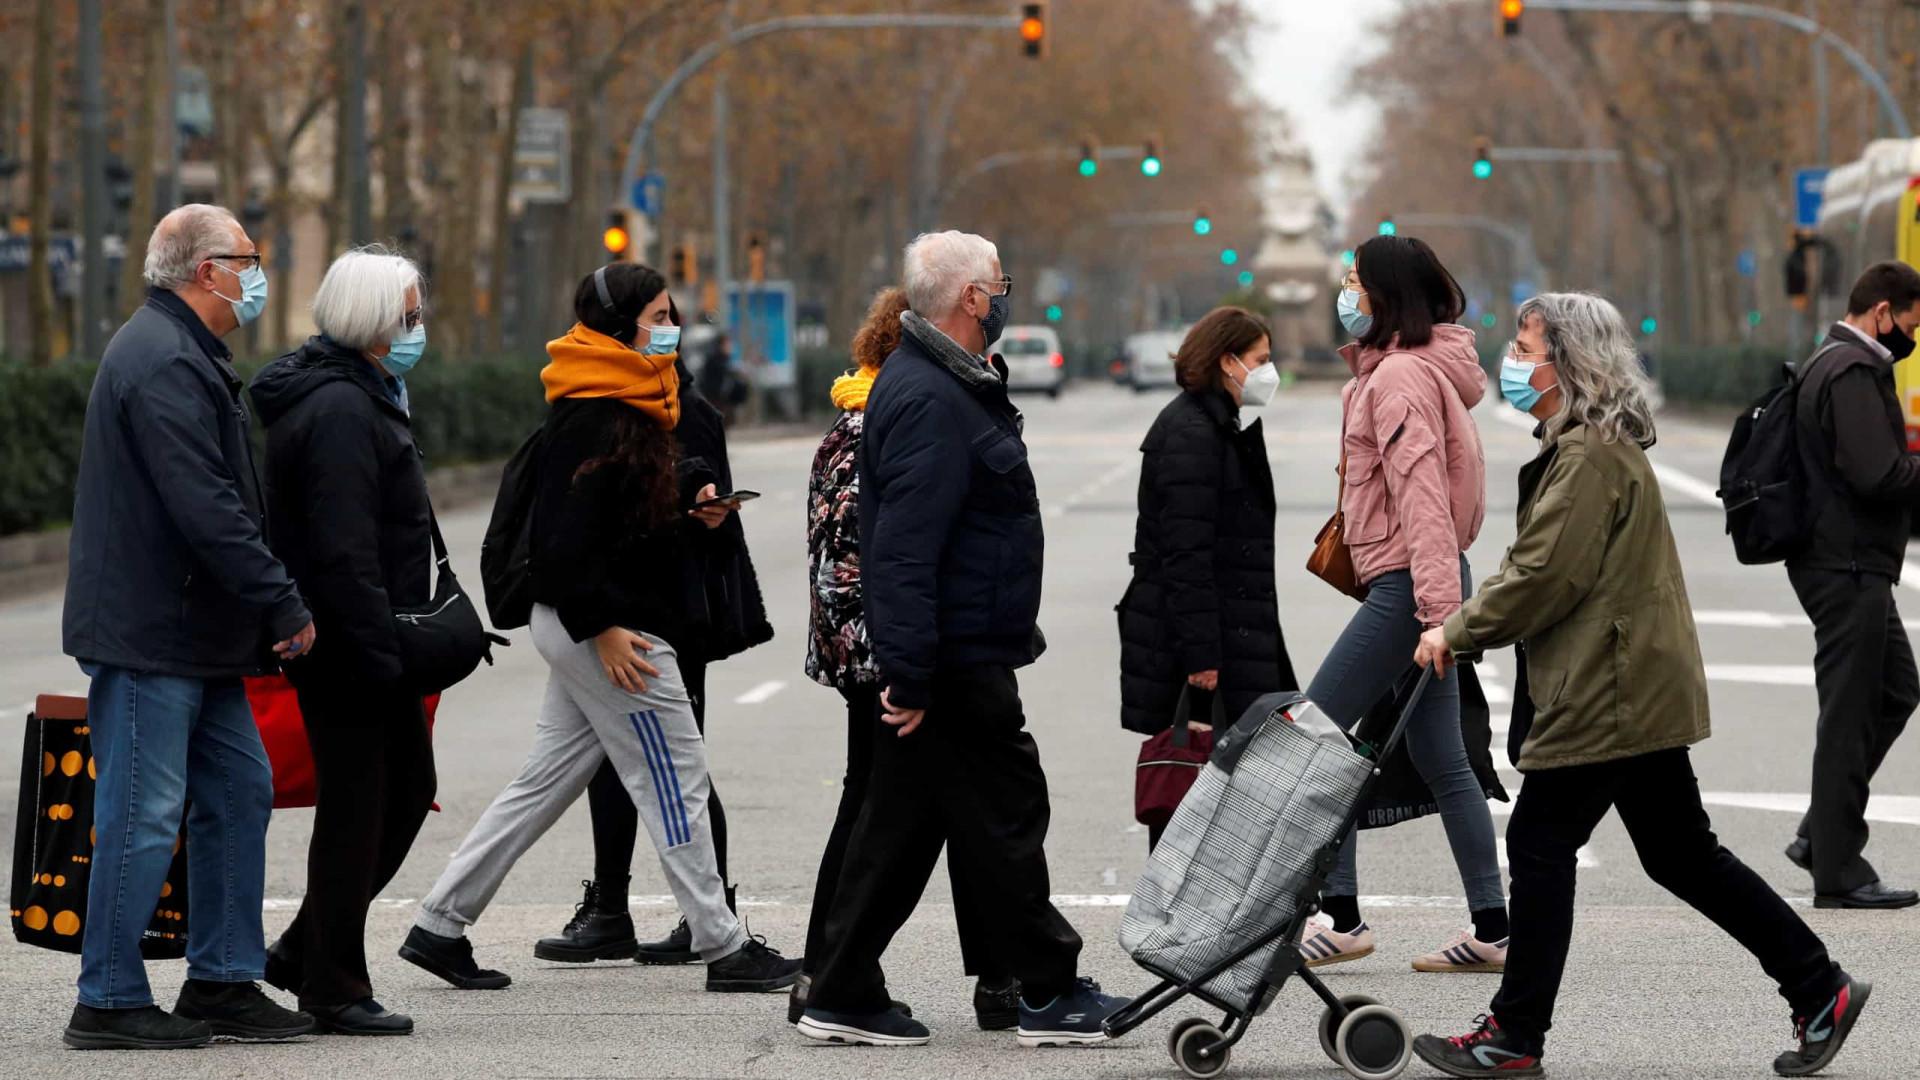 Espanha regista 84 mil novas infeções e 455 óbitos desde sexta-feira